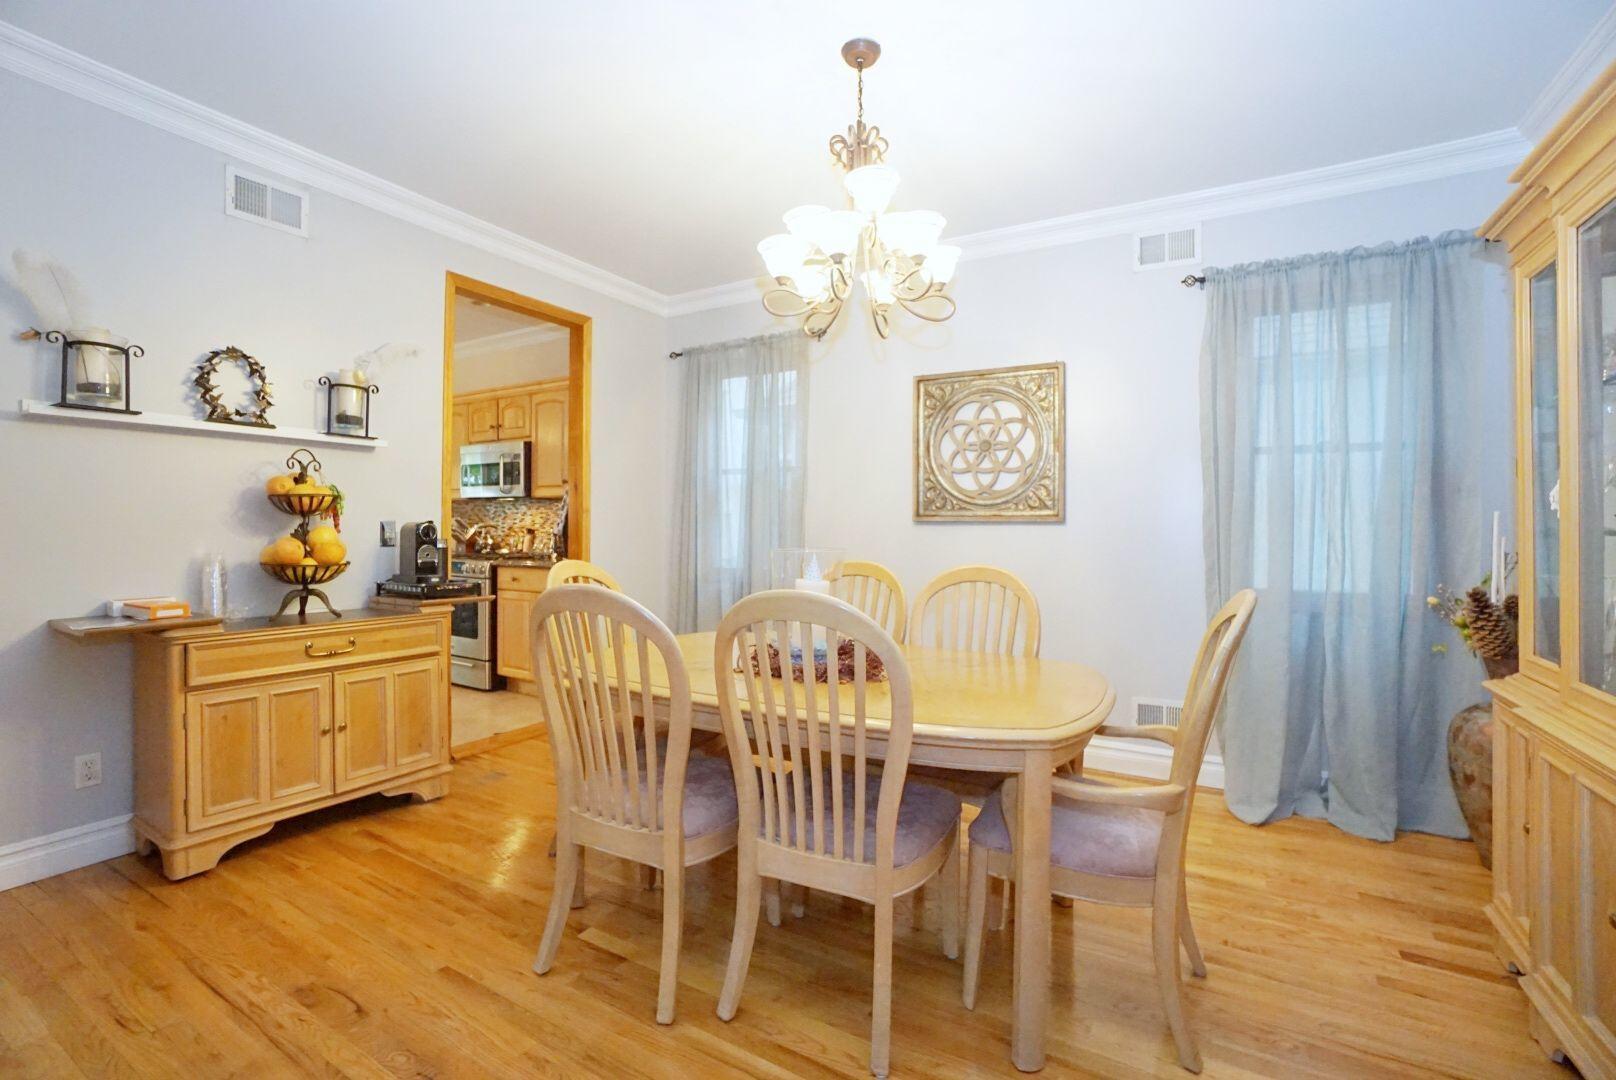 Single Family - Detached 311 Sharrott Avenue  Staten Island, NY 10309, MLS-1146042-12